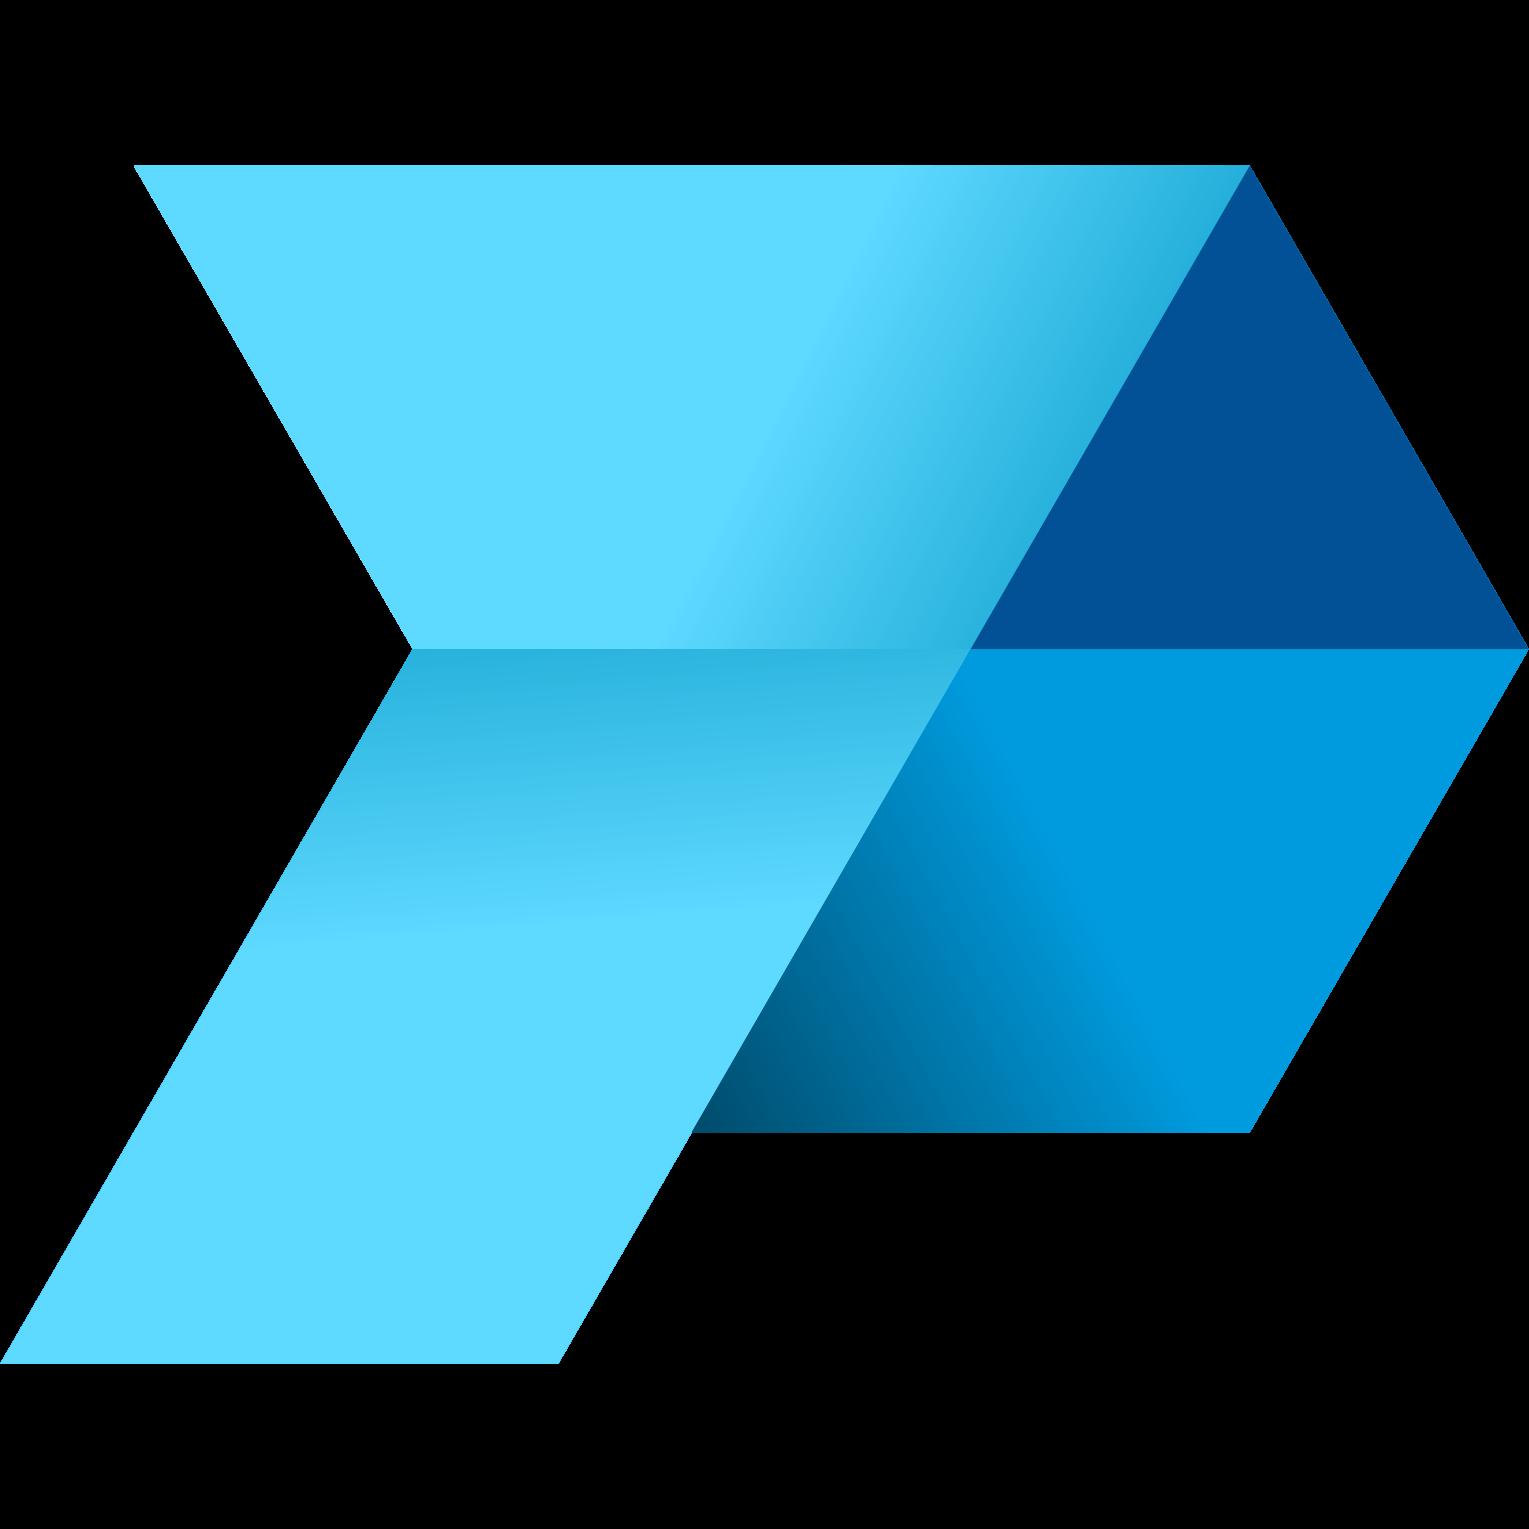 Logo for Pakketpartner